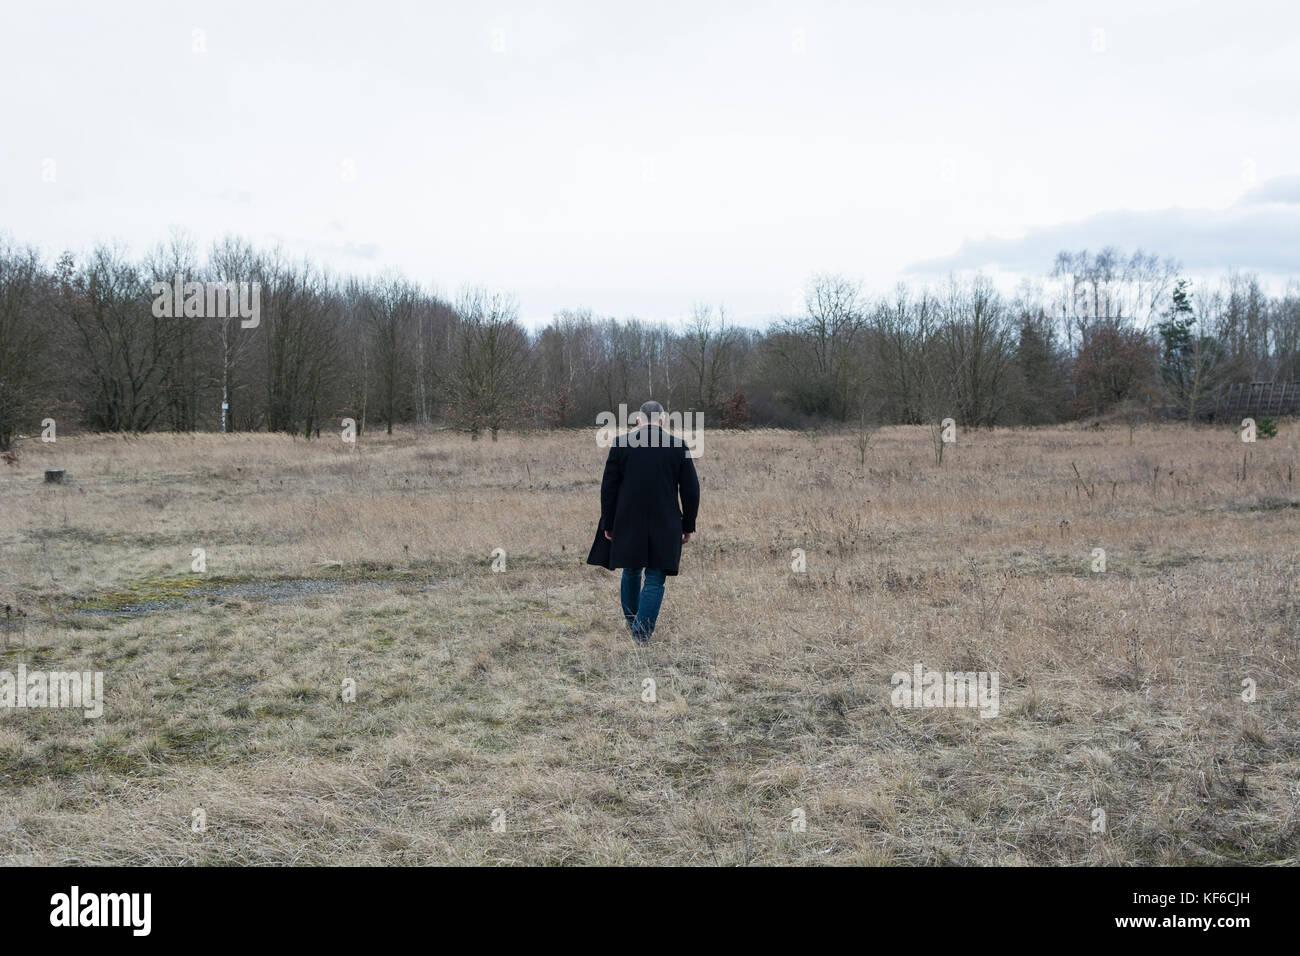 Vista posteriore schematica di un uomo che indossa un cappotto a piedi in un campo Immagini Stock